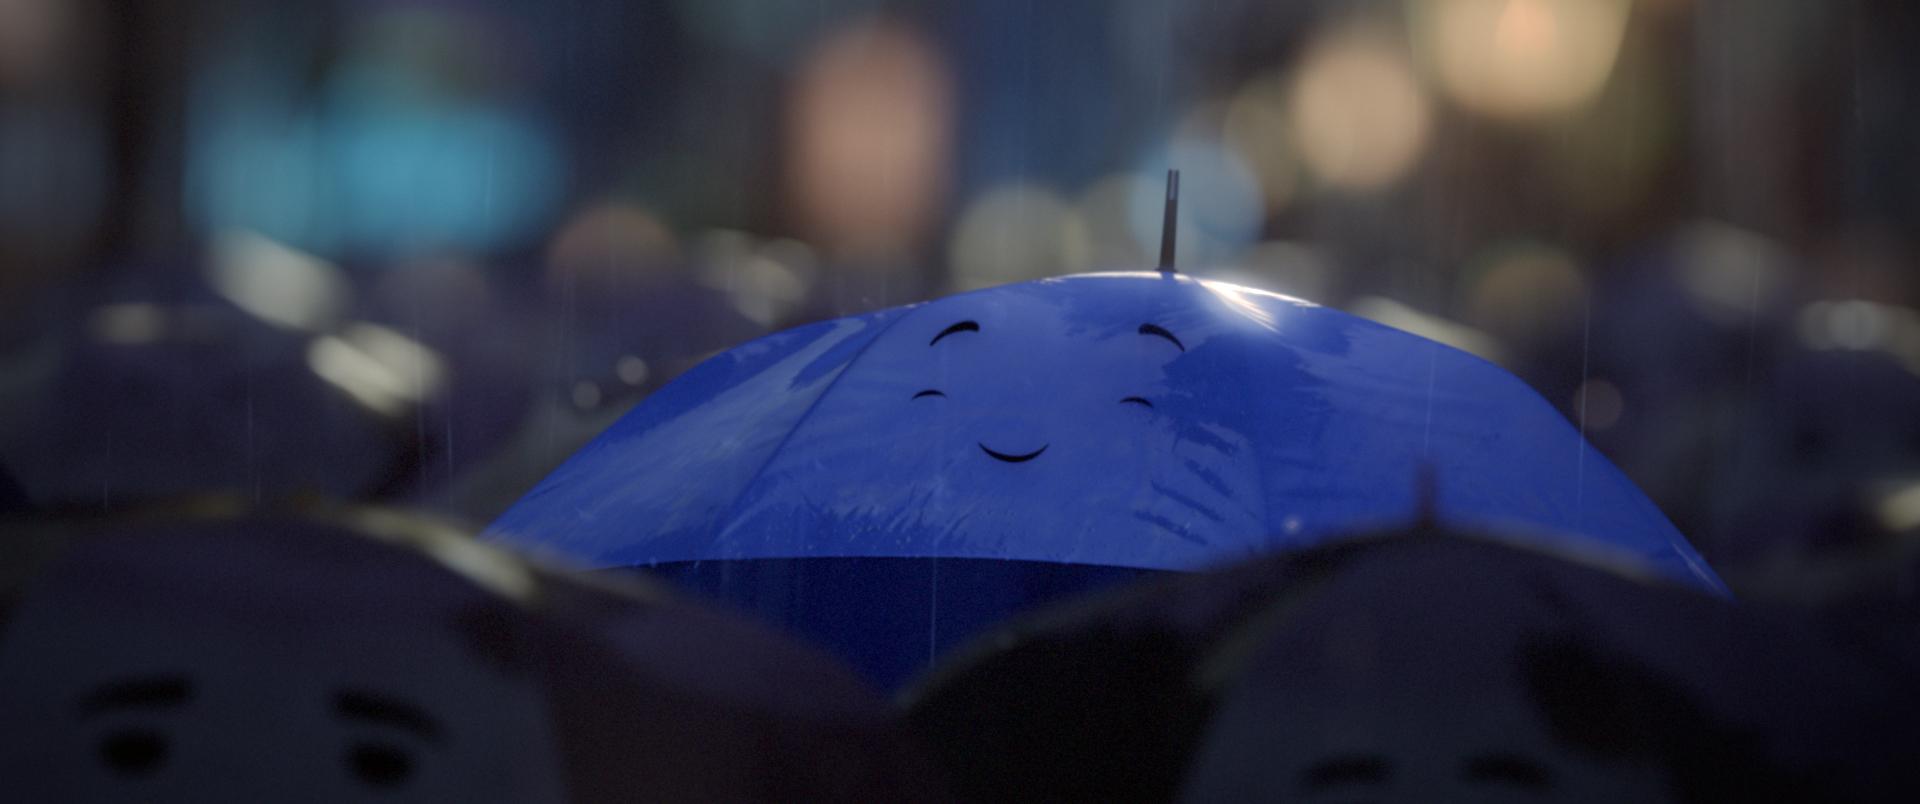 Pixar disney le parapluie bleu the blue umbrella